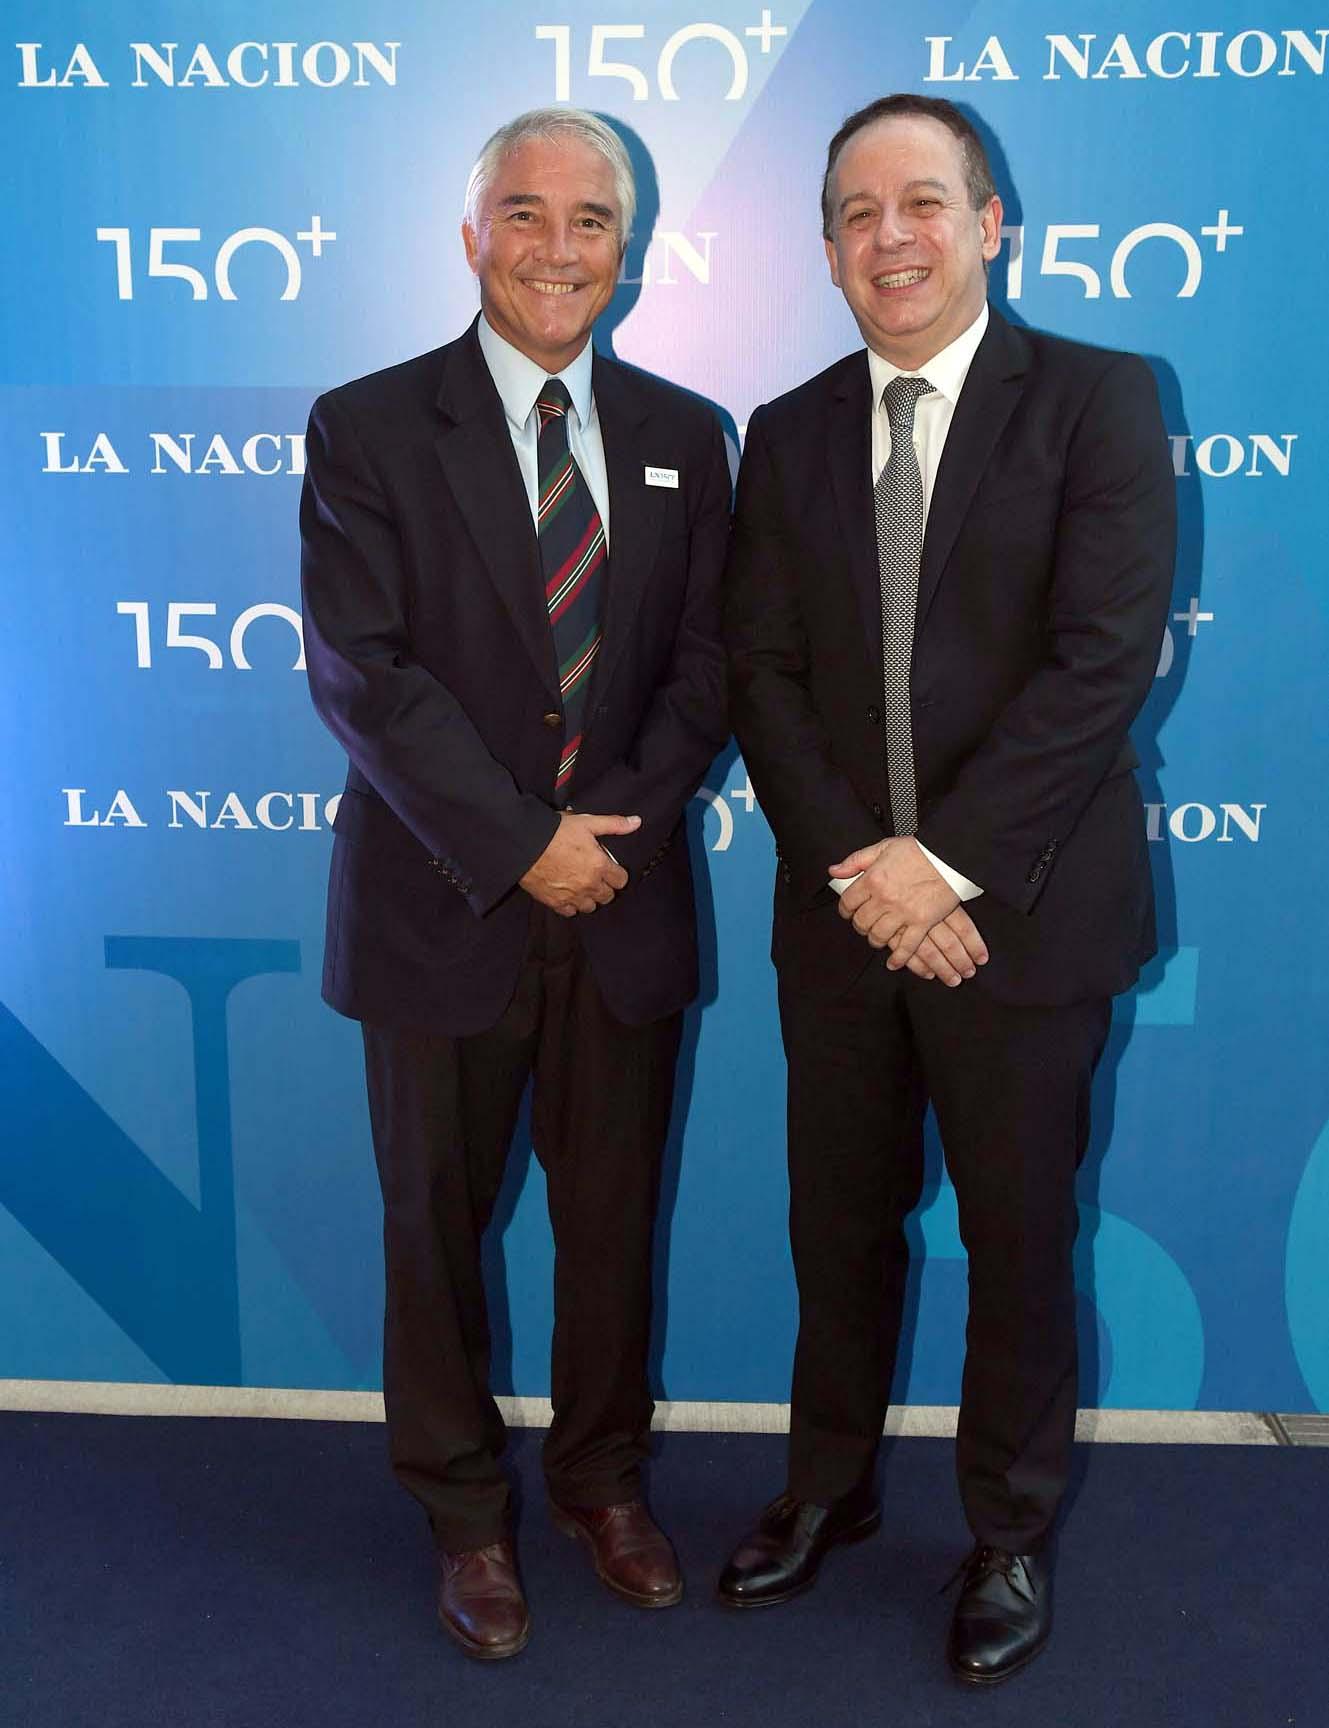 Pablo Deluca, director de Asuntos Institucionales de Infobae, y Martín Etchevers, presidente de ADEPA